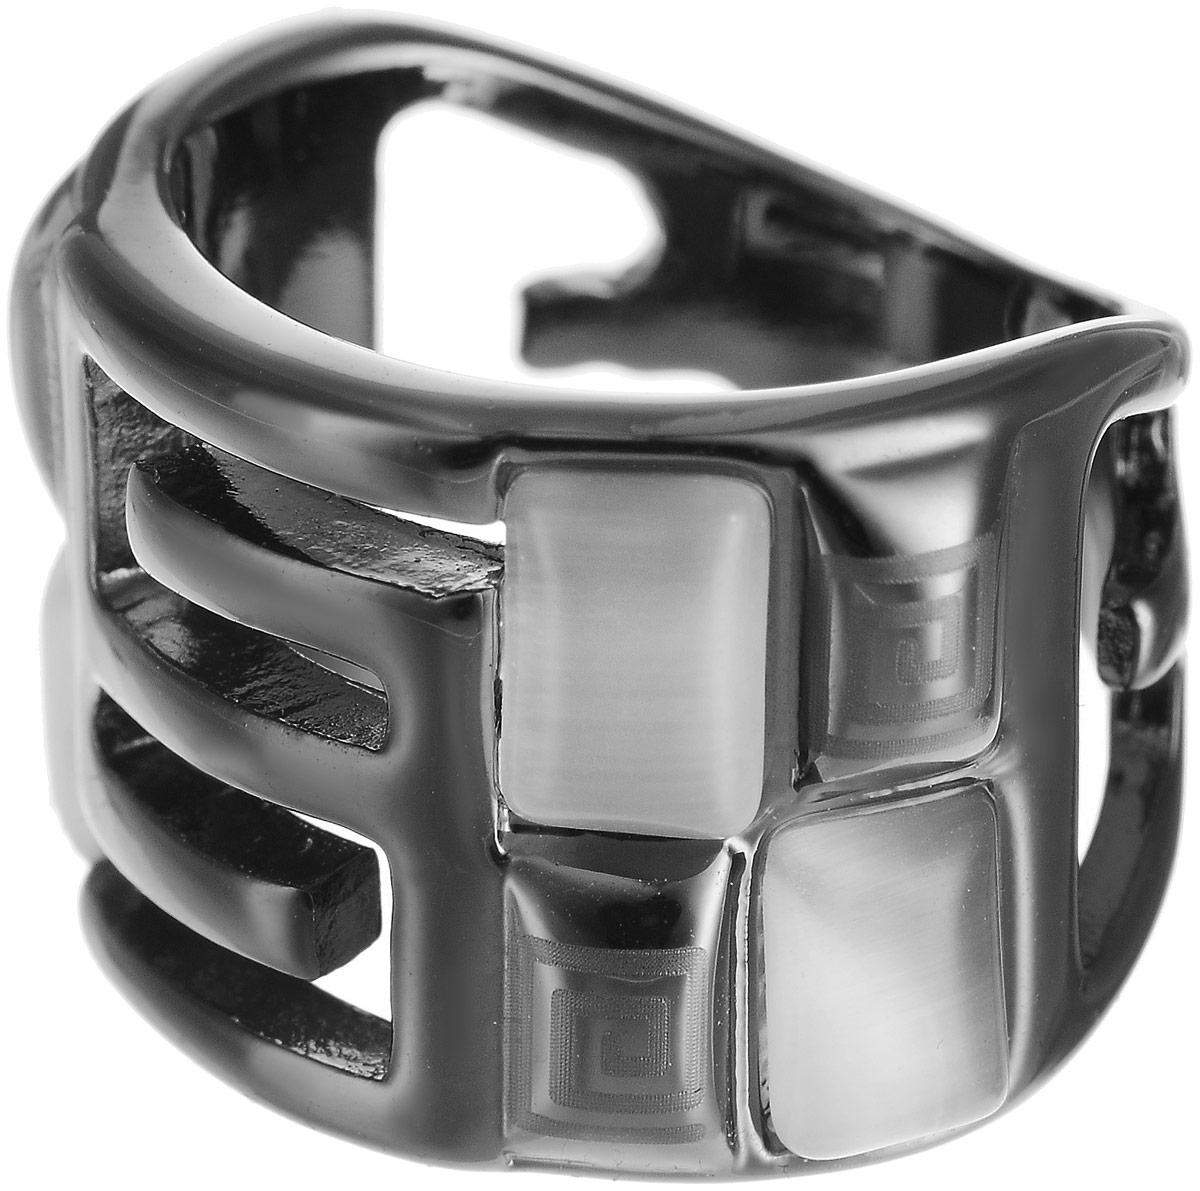 Кольцо Art-Silver, цвет: черный. 068018-701-616. Размер 16,5Коктейльное кольцоОригинальное кольцо Art-Silver выполнено из бижутерного сплава с гальваническим покрытием. Кольцо украшено декоративными вставками.Элегантное кольцо Art-Silver превосходно дополнит ваш образ и подчеркнет отменное чувство стиля своей обладательницы.